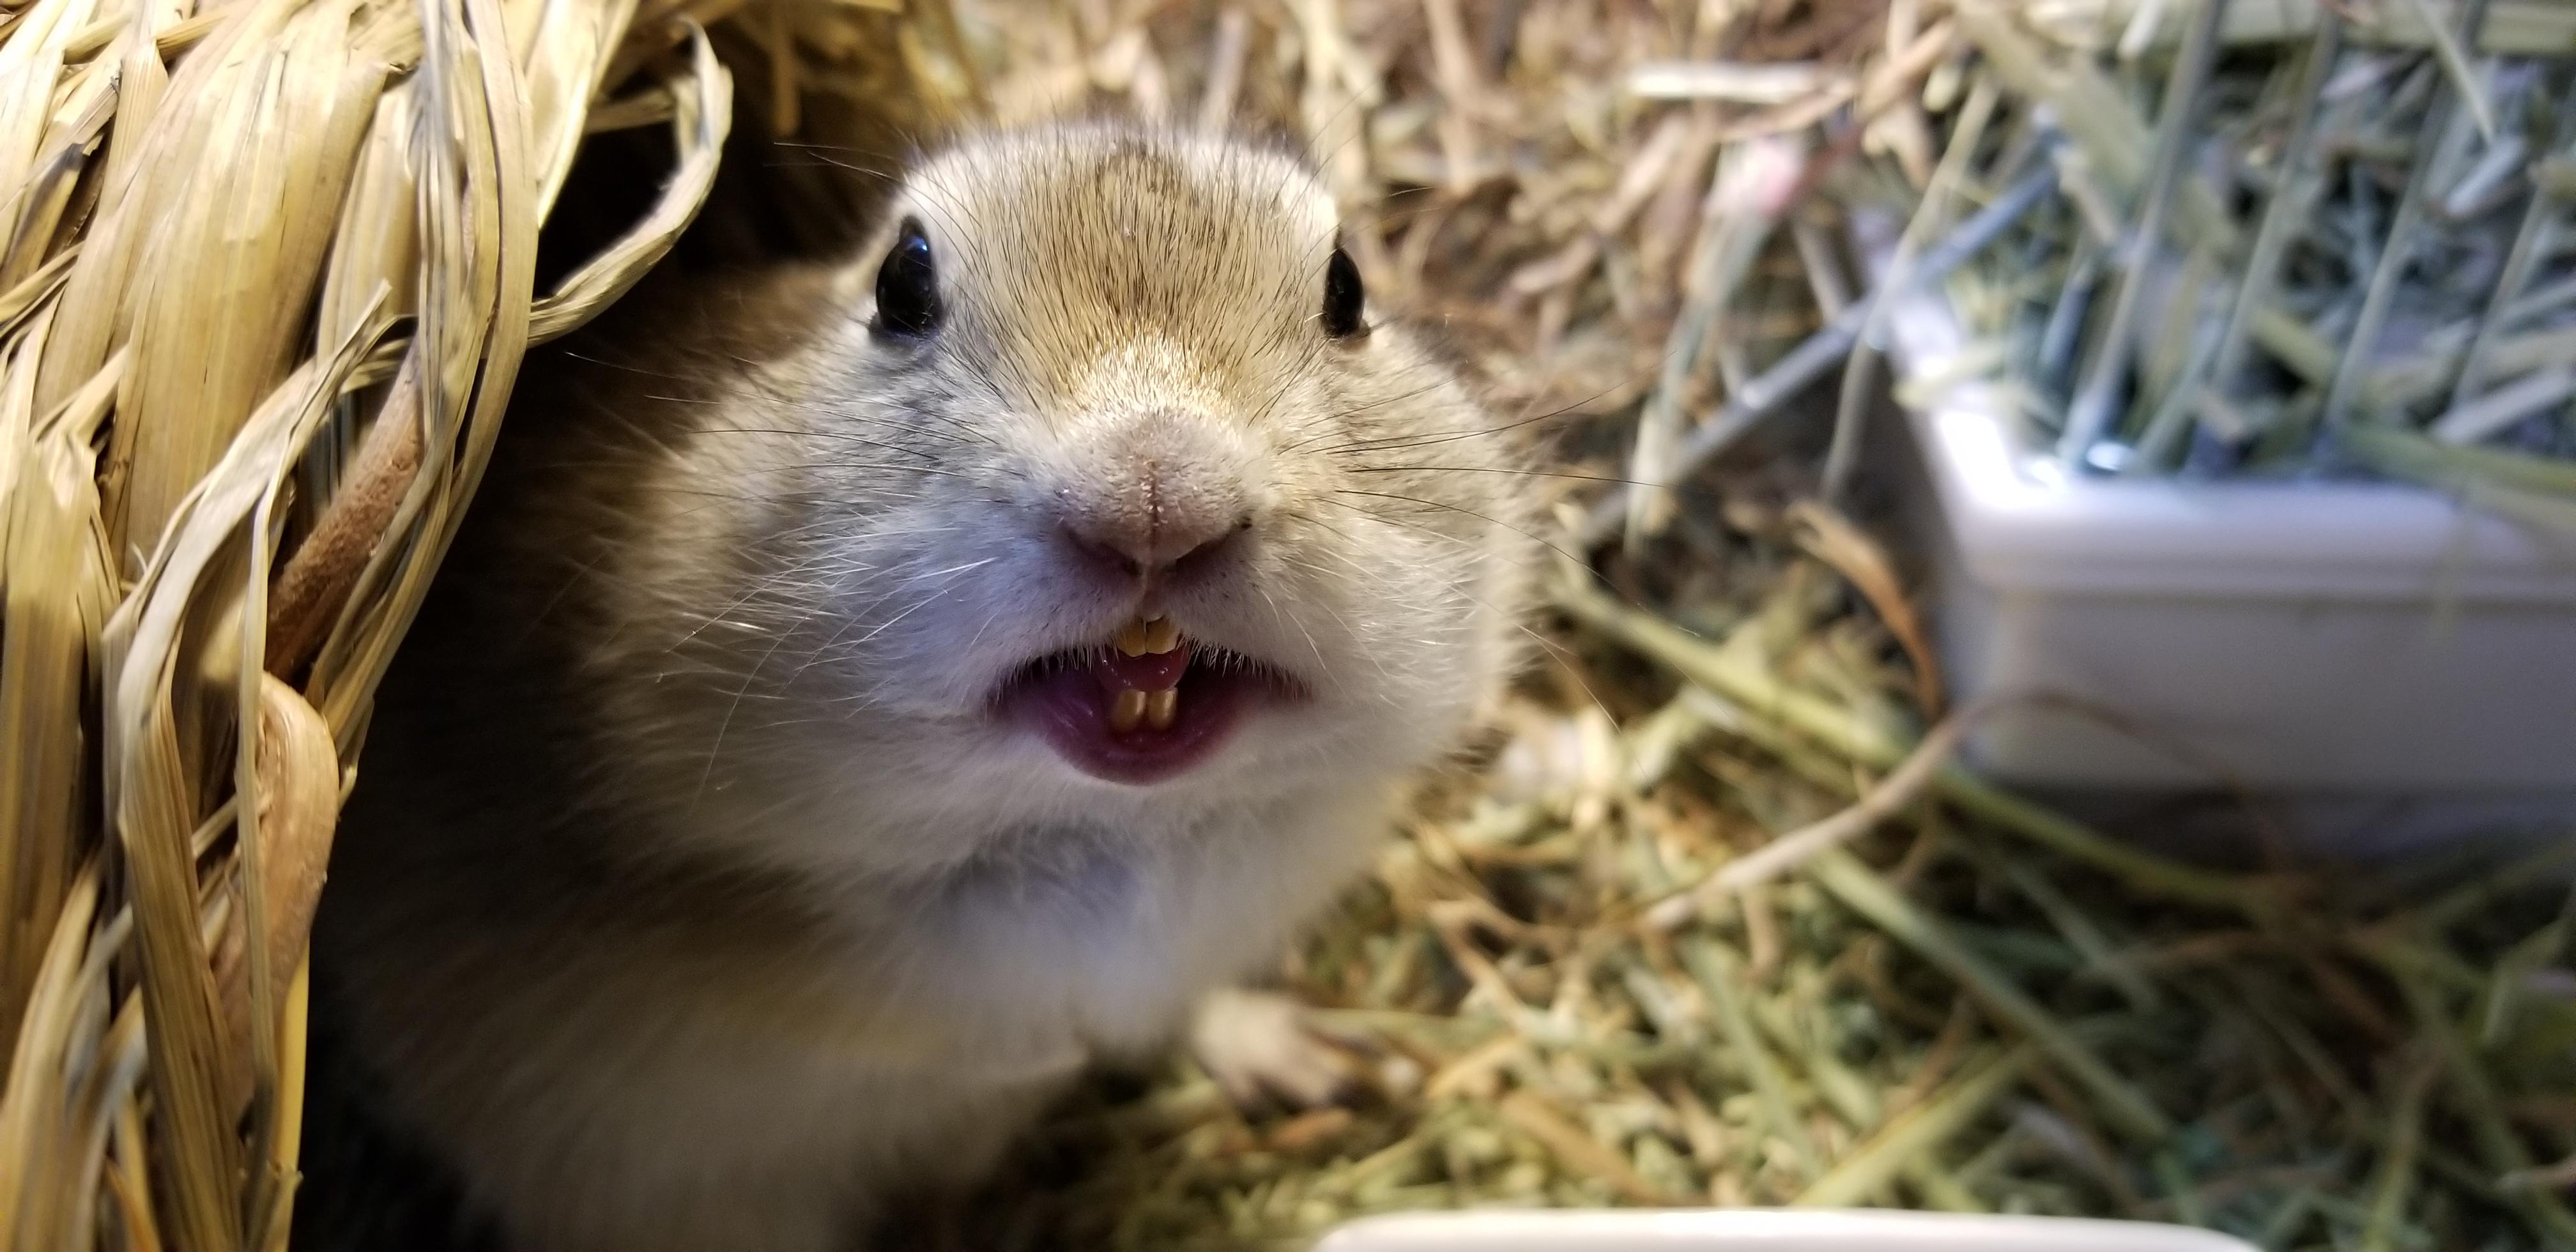 リチャードソンジリスの前歯が折れた!噛む牧草や飼育用品!